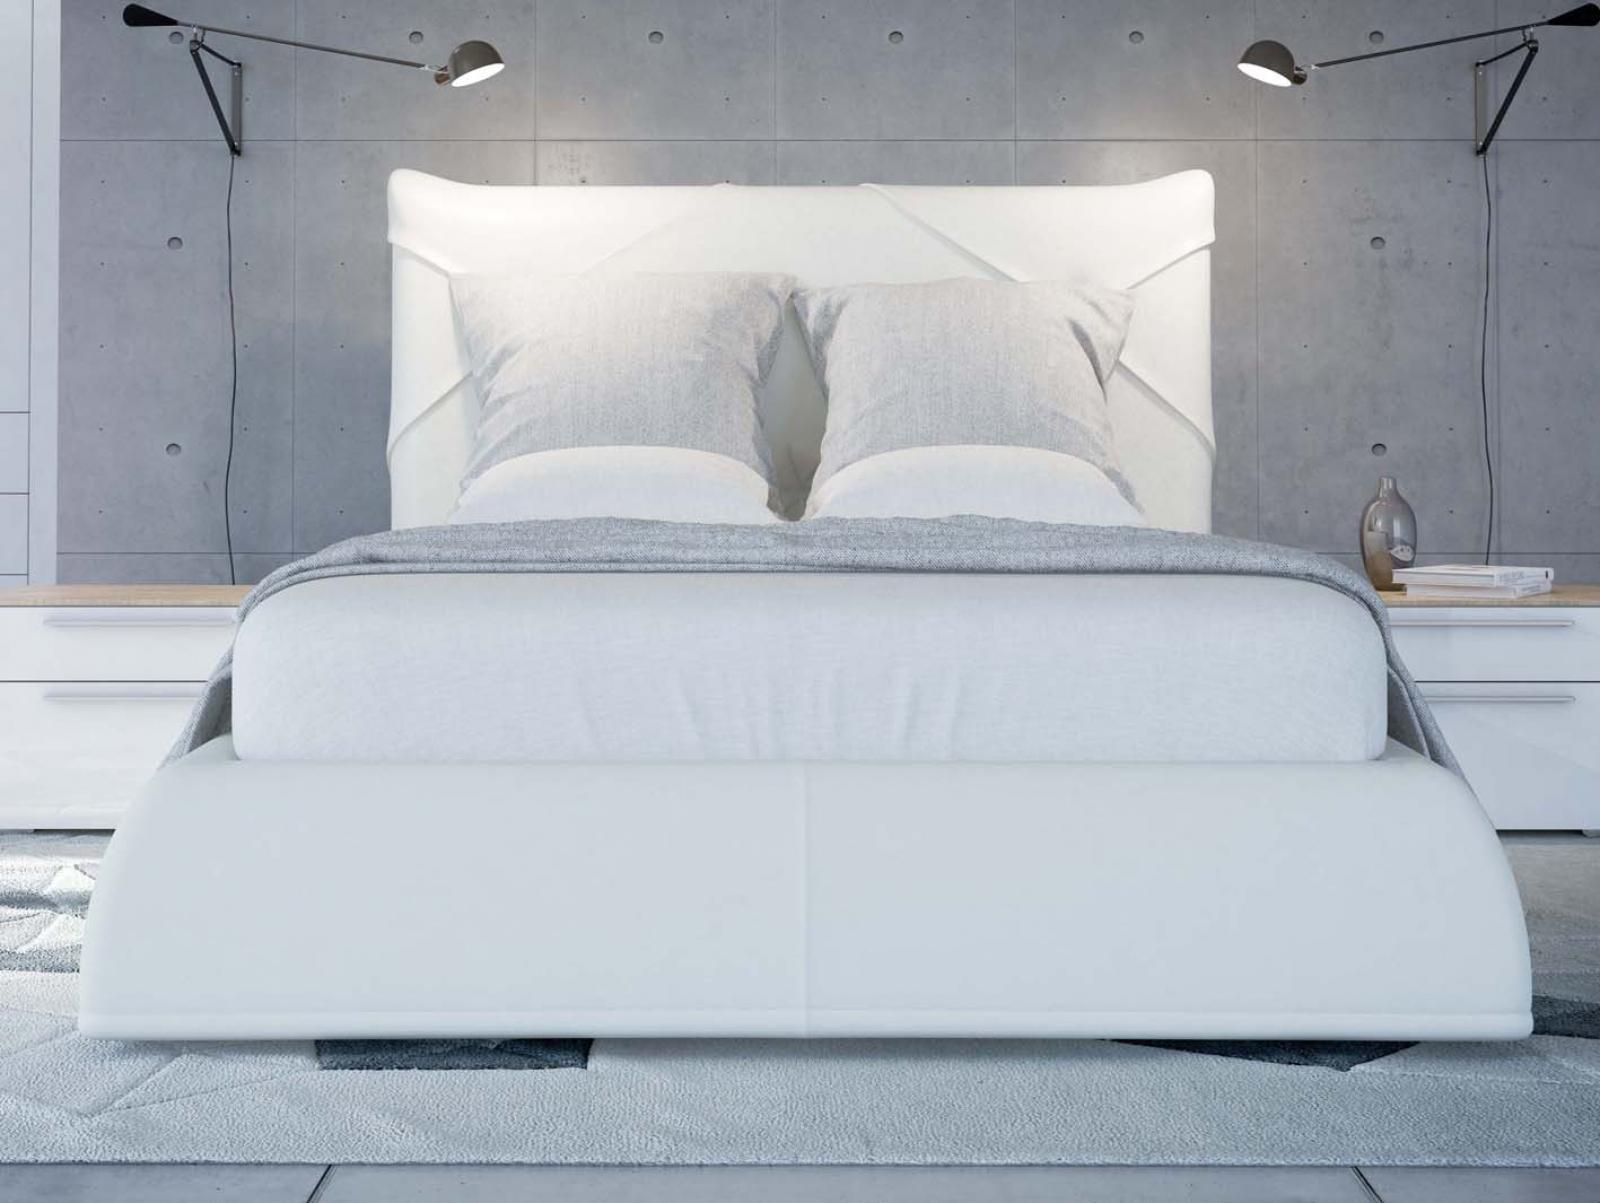 SOLO Коричневый глянец 800.0818-K Кровать для подъемного основания  1800*2000 - 1